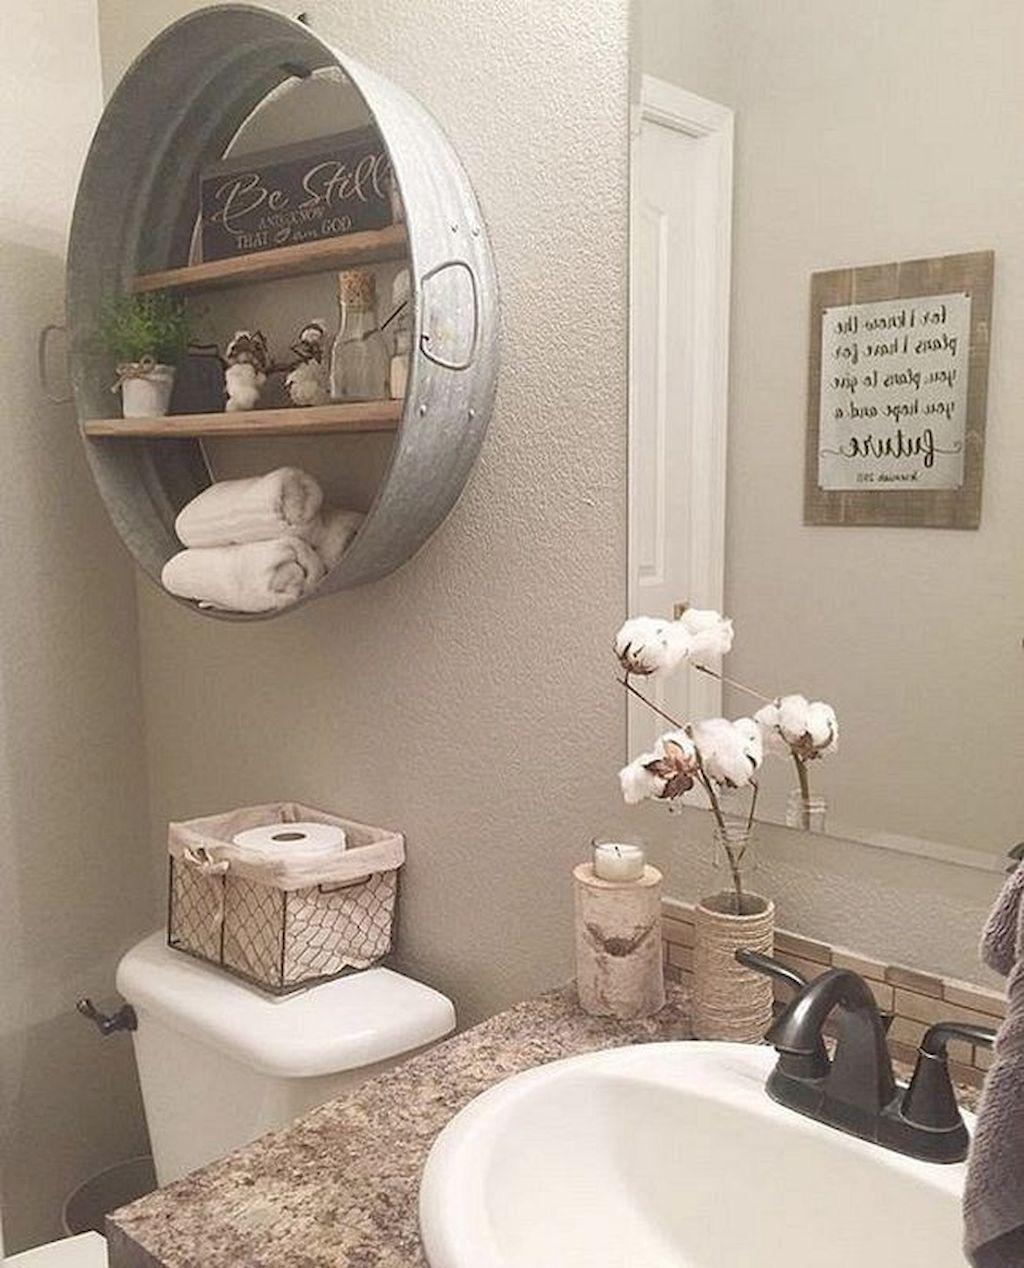 25 Wonderful Farmhouse Bathroom Decor Ideas On A Budget Farmhouse Bathroom Decor Easy Home Decor Chic Bathrooms